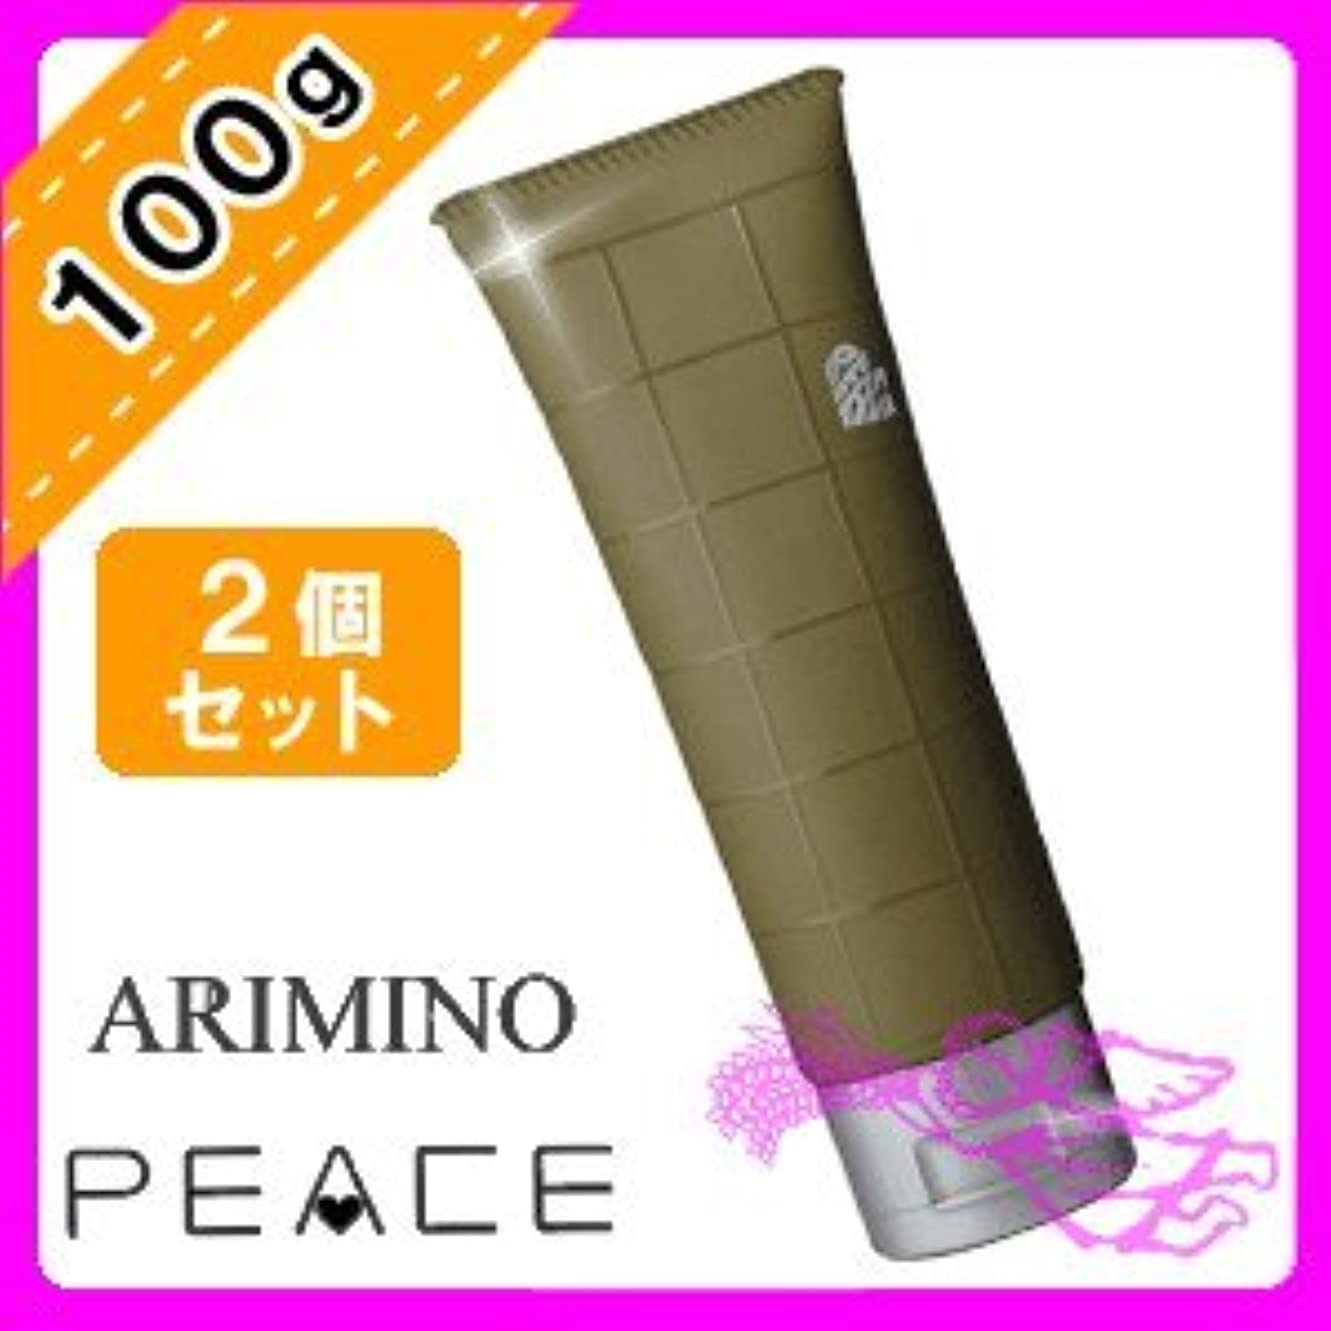 しなやかな悲しい会計士アリミノ ピース ウェットオイル ワックス 100g ×2個セット arimino PEACE